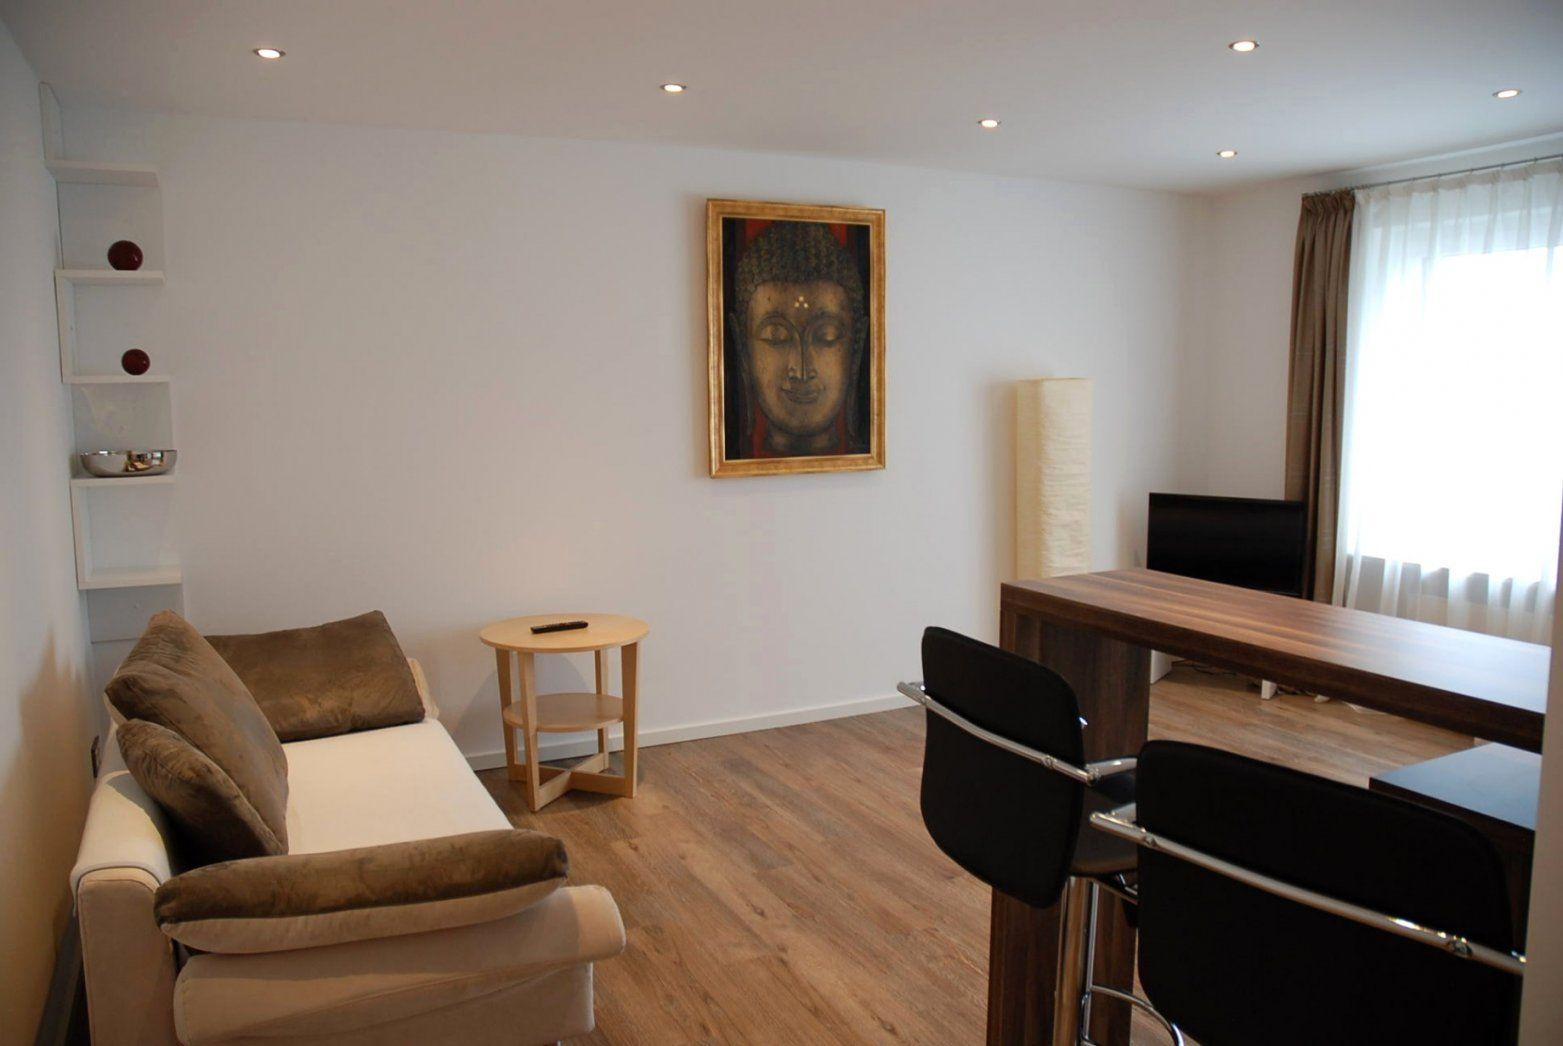 Full Size of Heizkörper Wohnzimmer Lampe Bilder Fürs Fototapeten Teppich Moderne Deckenleuchte Modern Deckenlampen Wandbilder Stehlampe Led Wohnzimmer Deckenspots Wohnzimmer